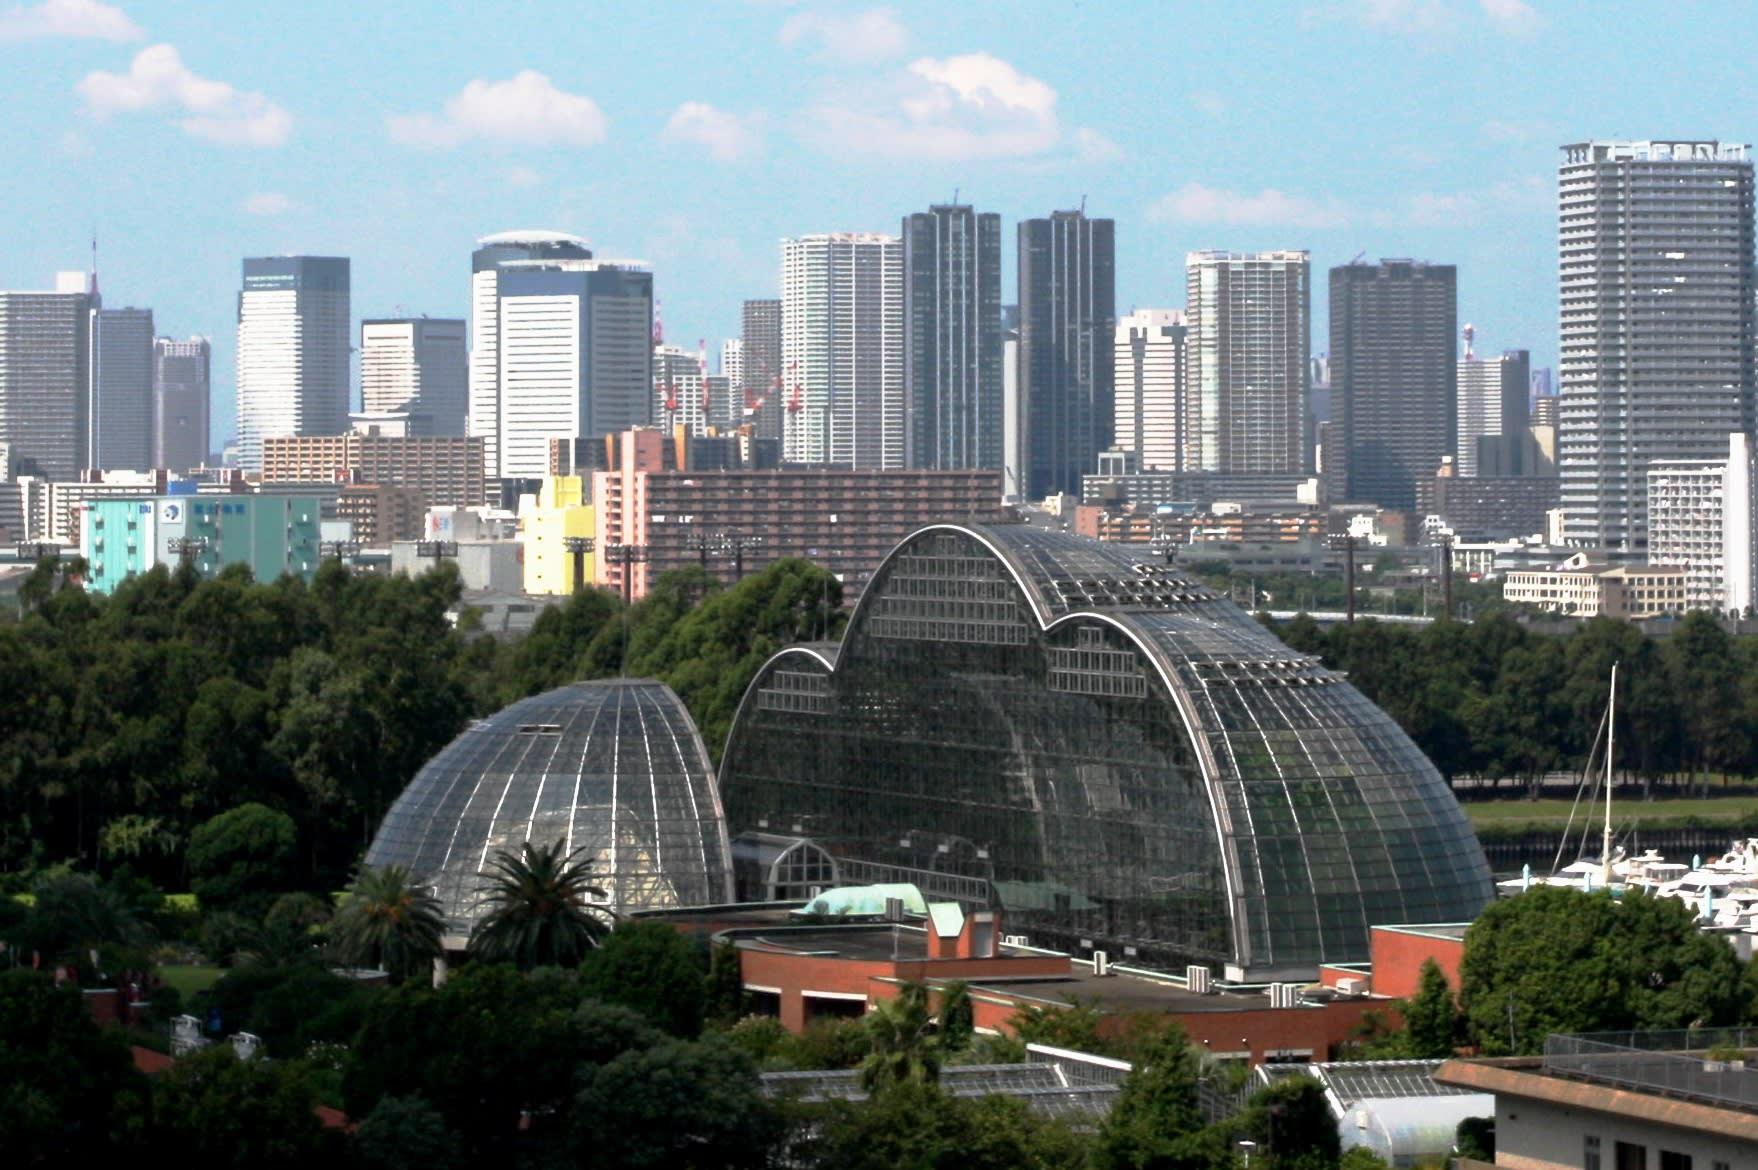 東 京 水 泥 叢 林 中 的 熱 帶 雨 林